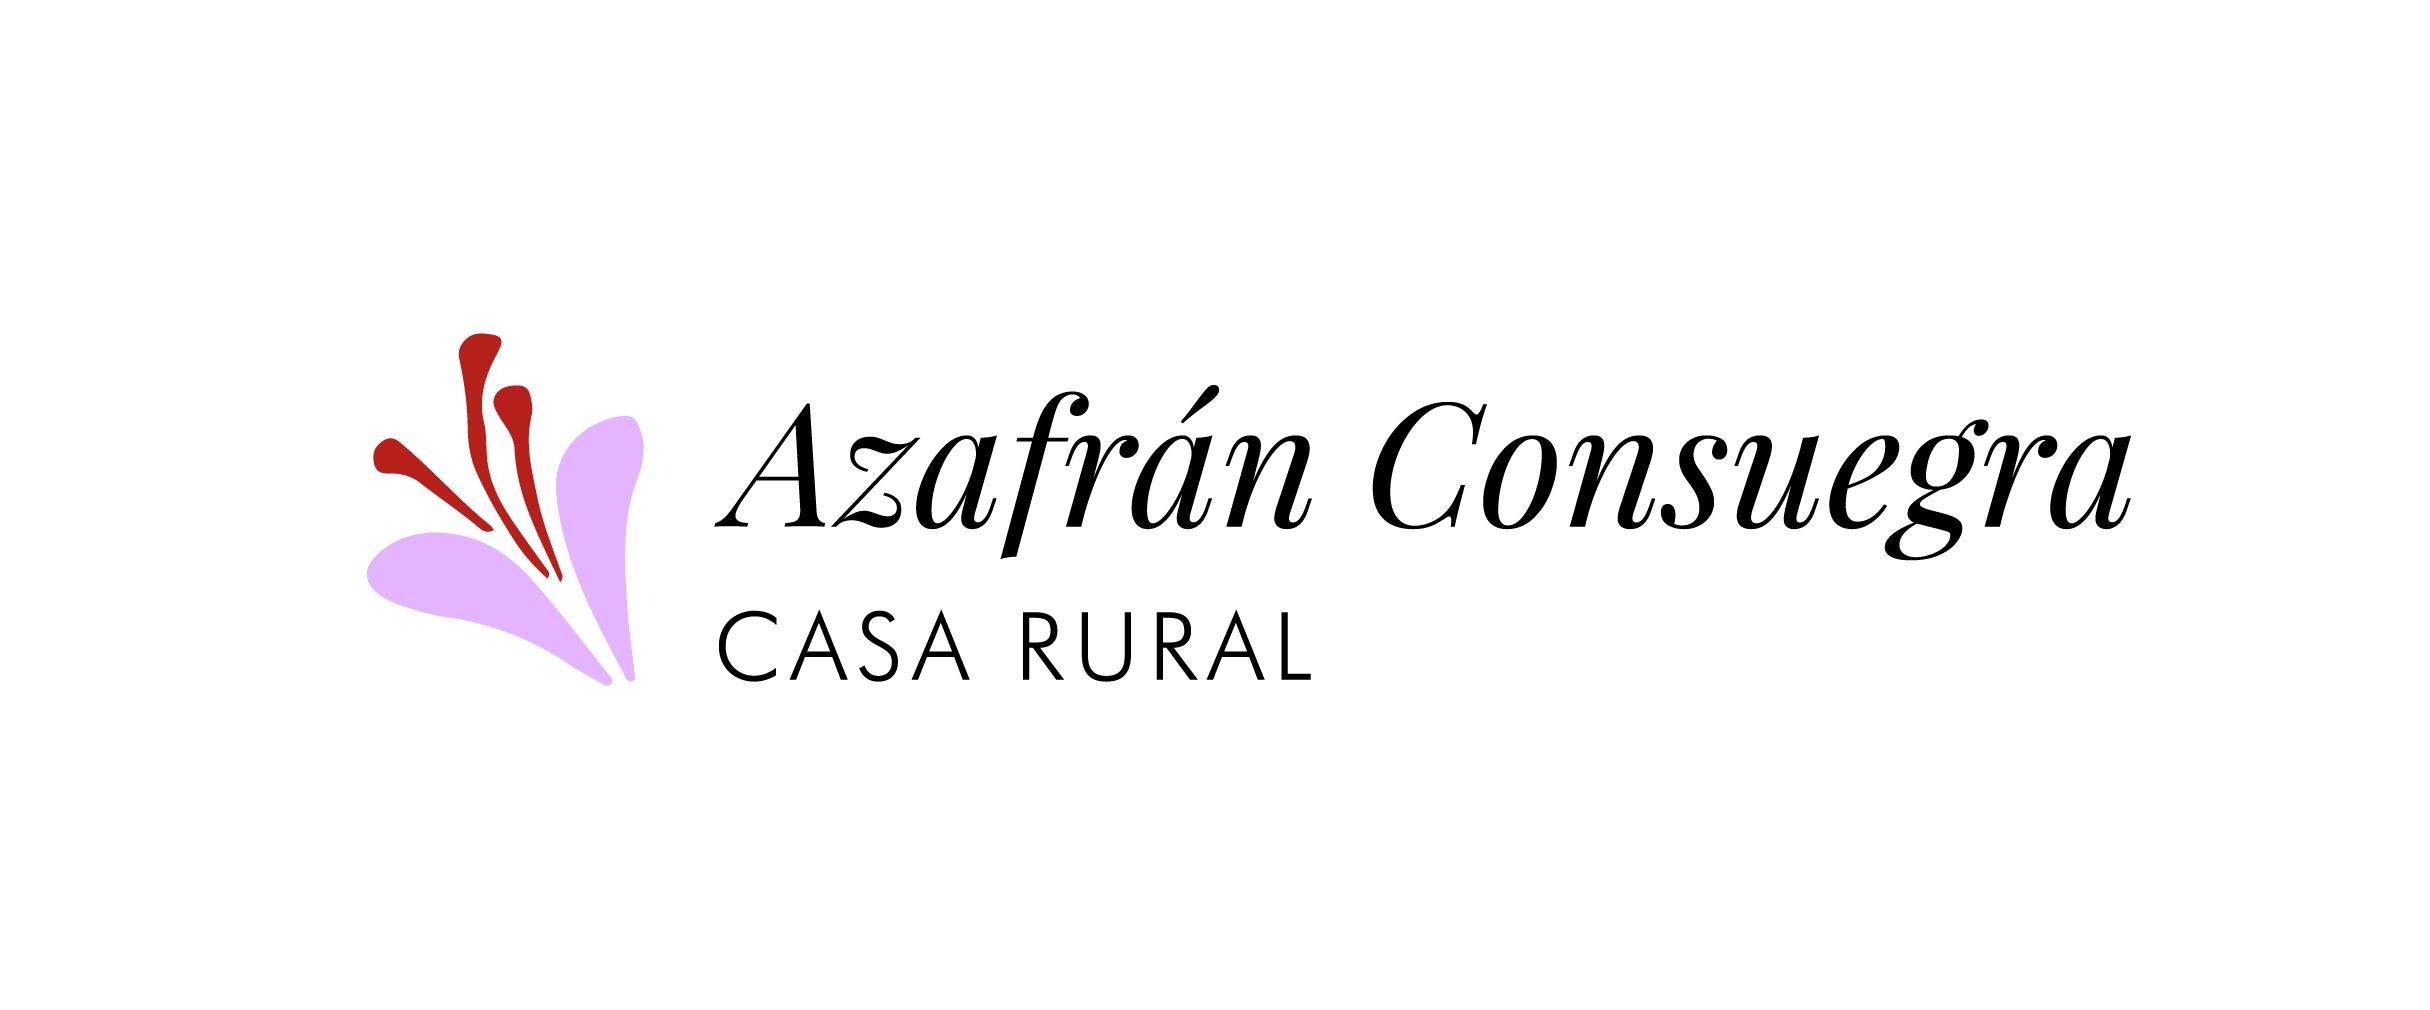 Azafrán Consuegra | Alojamiento Rural